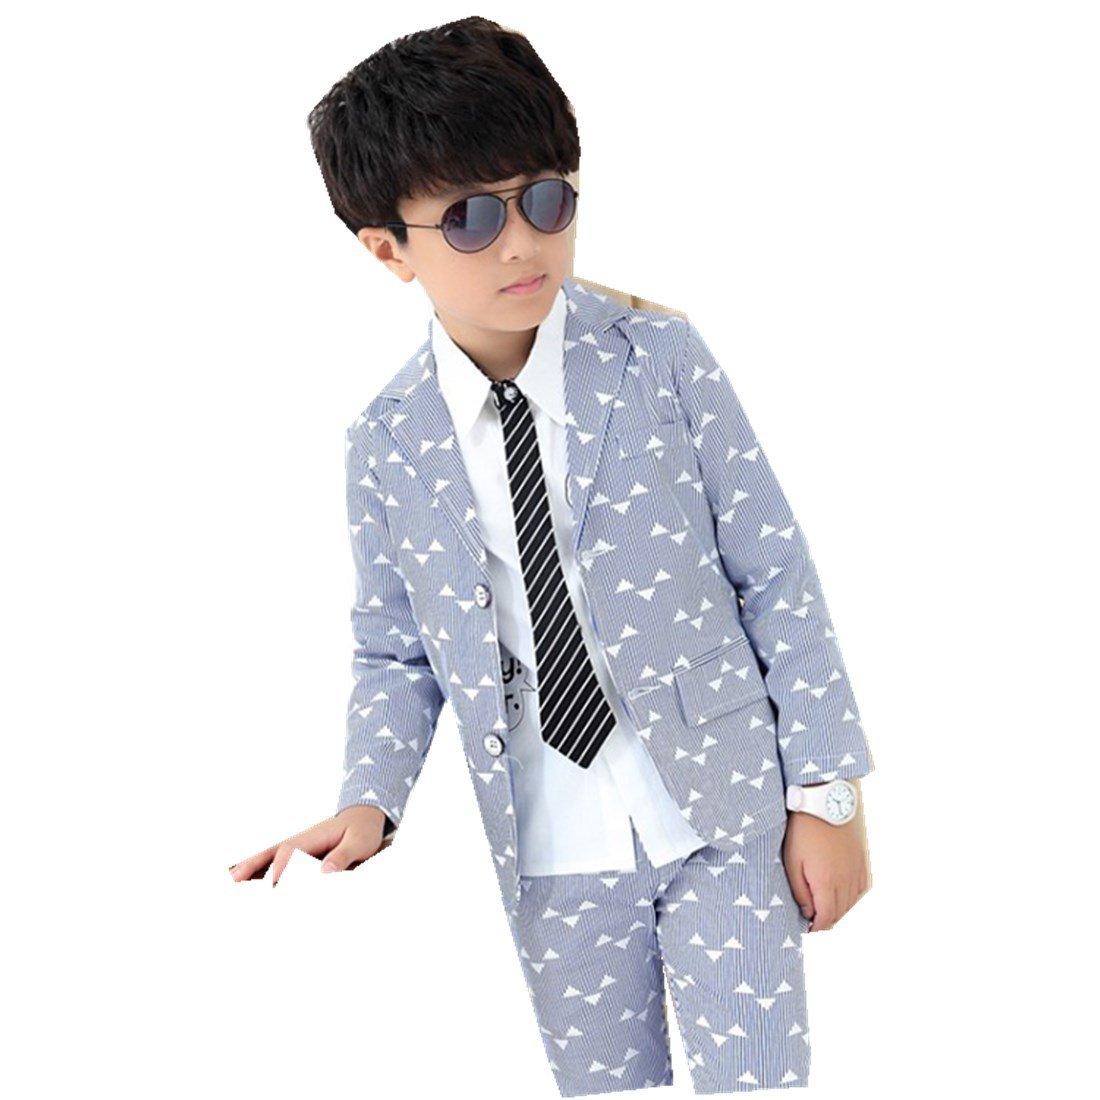 Children's Clothing Boy Spring Child Three-Piece Suit Kids Sets